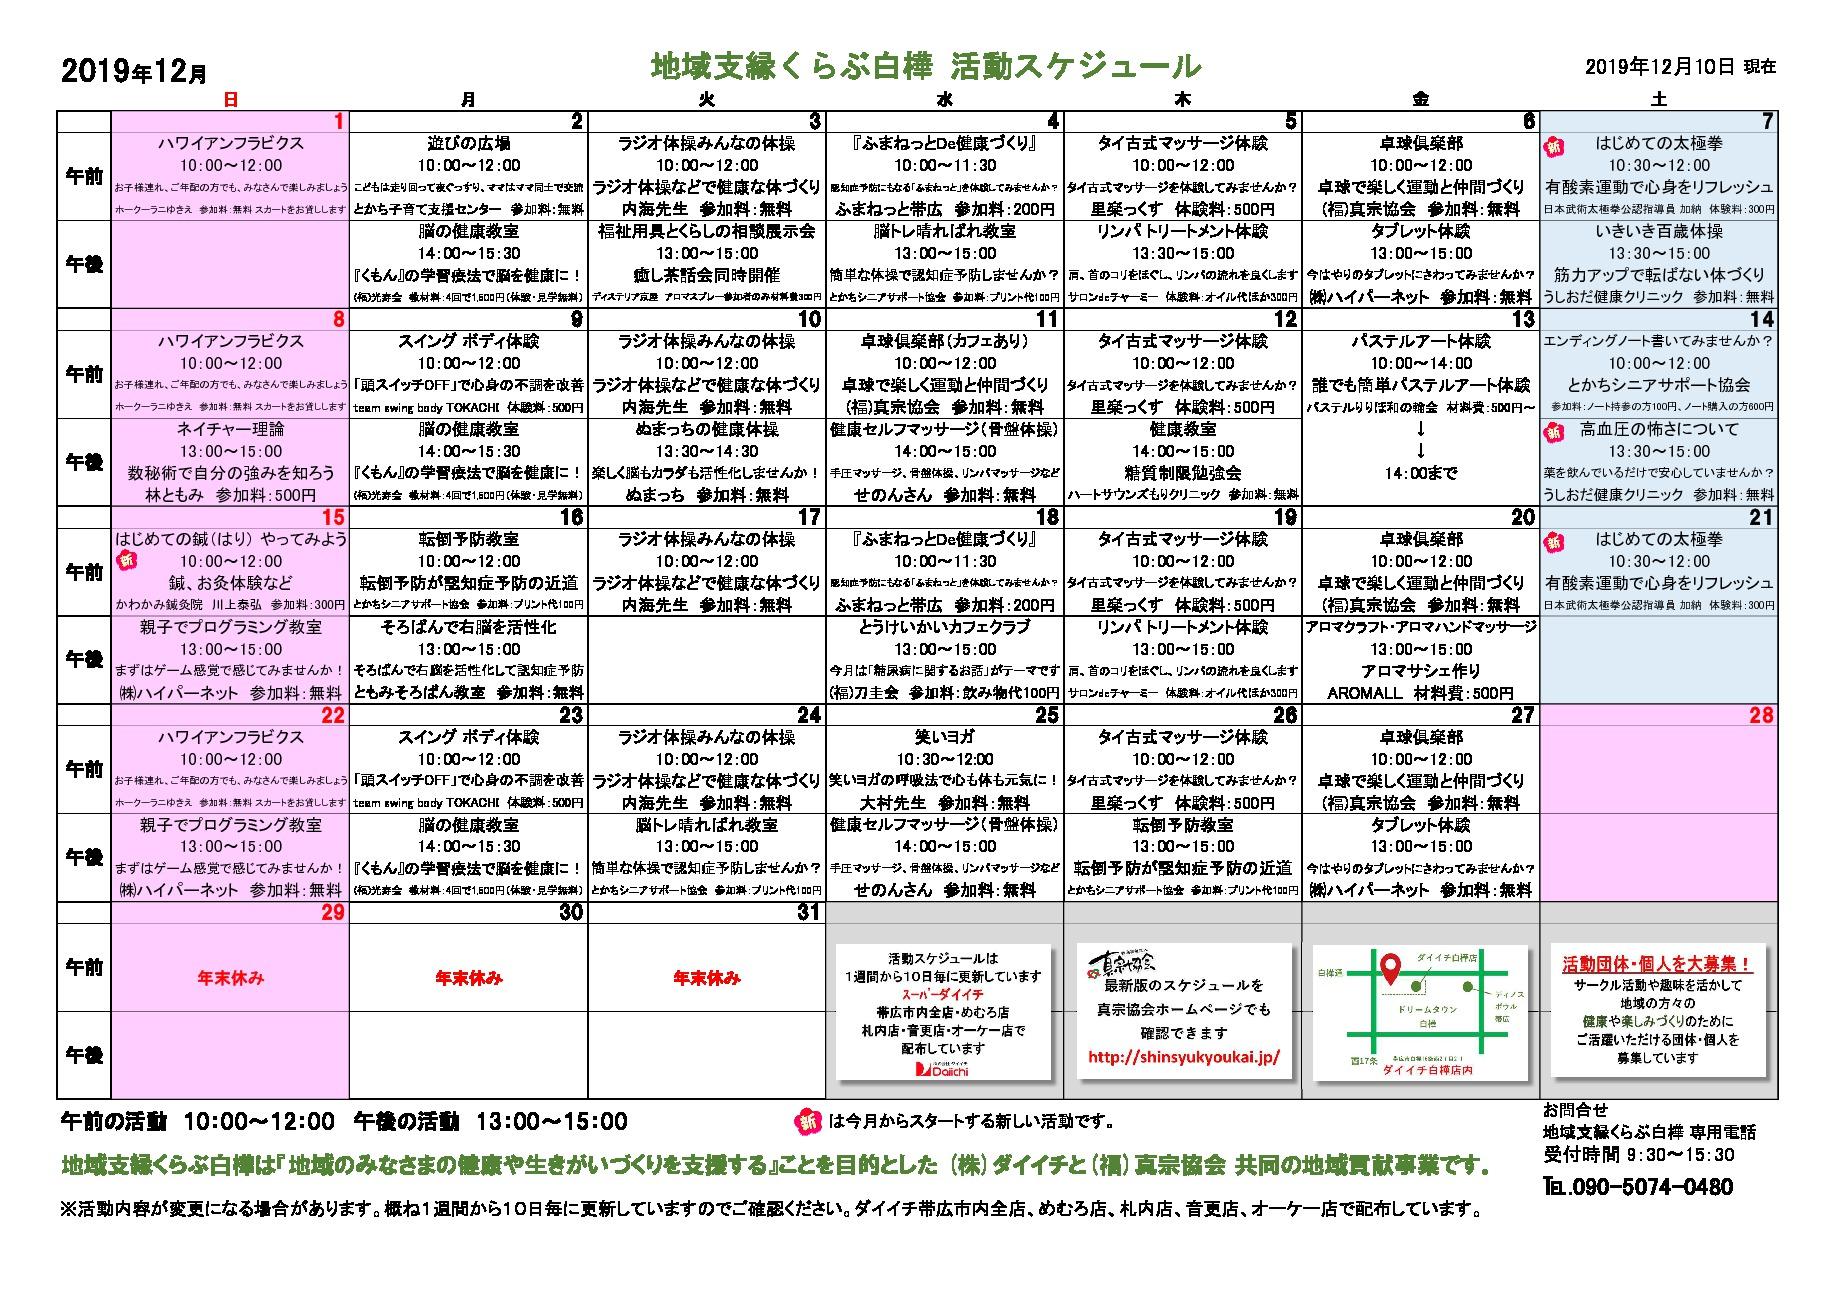 2019活動スケジュール12(2019.12.10付)のサムネイル